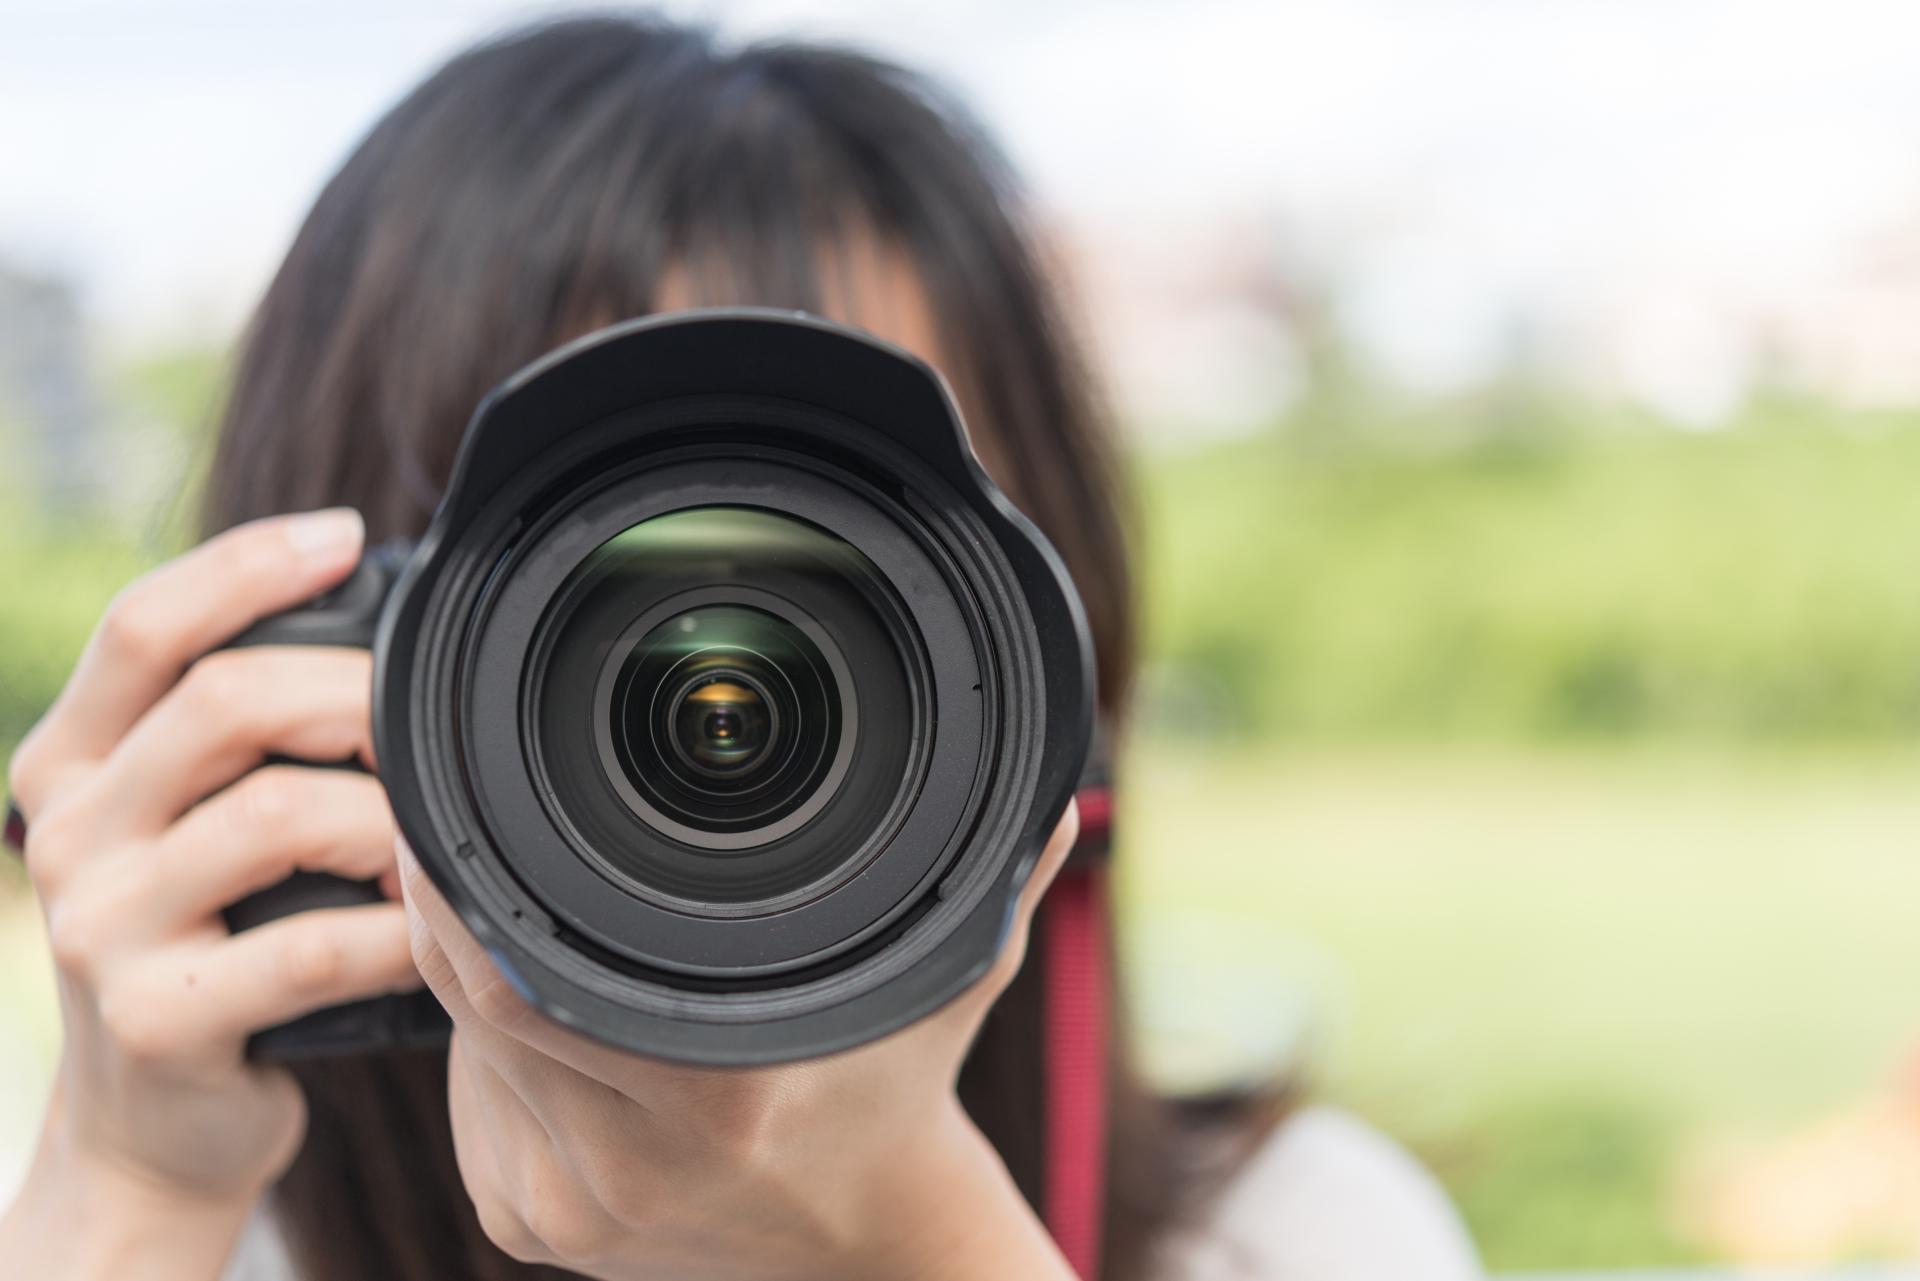 スナップ写真撮影 結婚式・イベント・学校行事